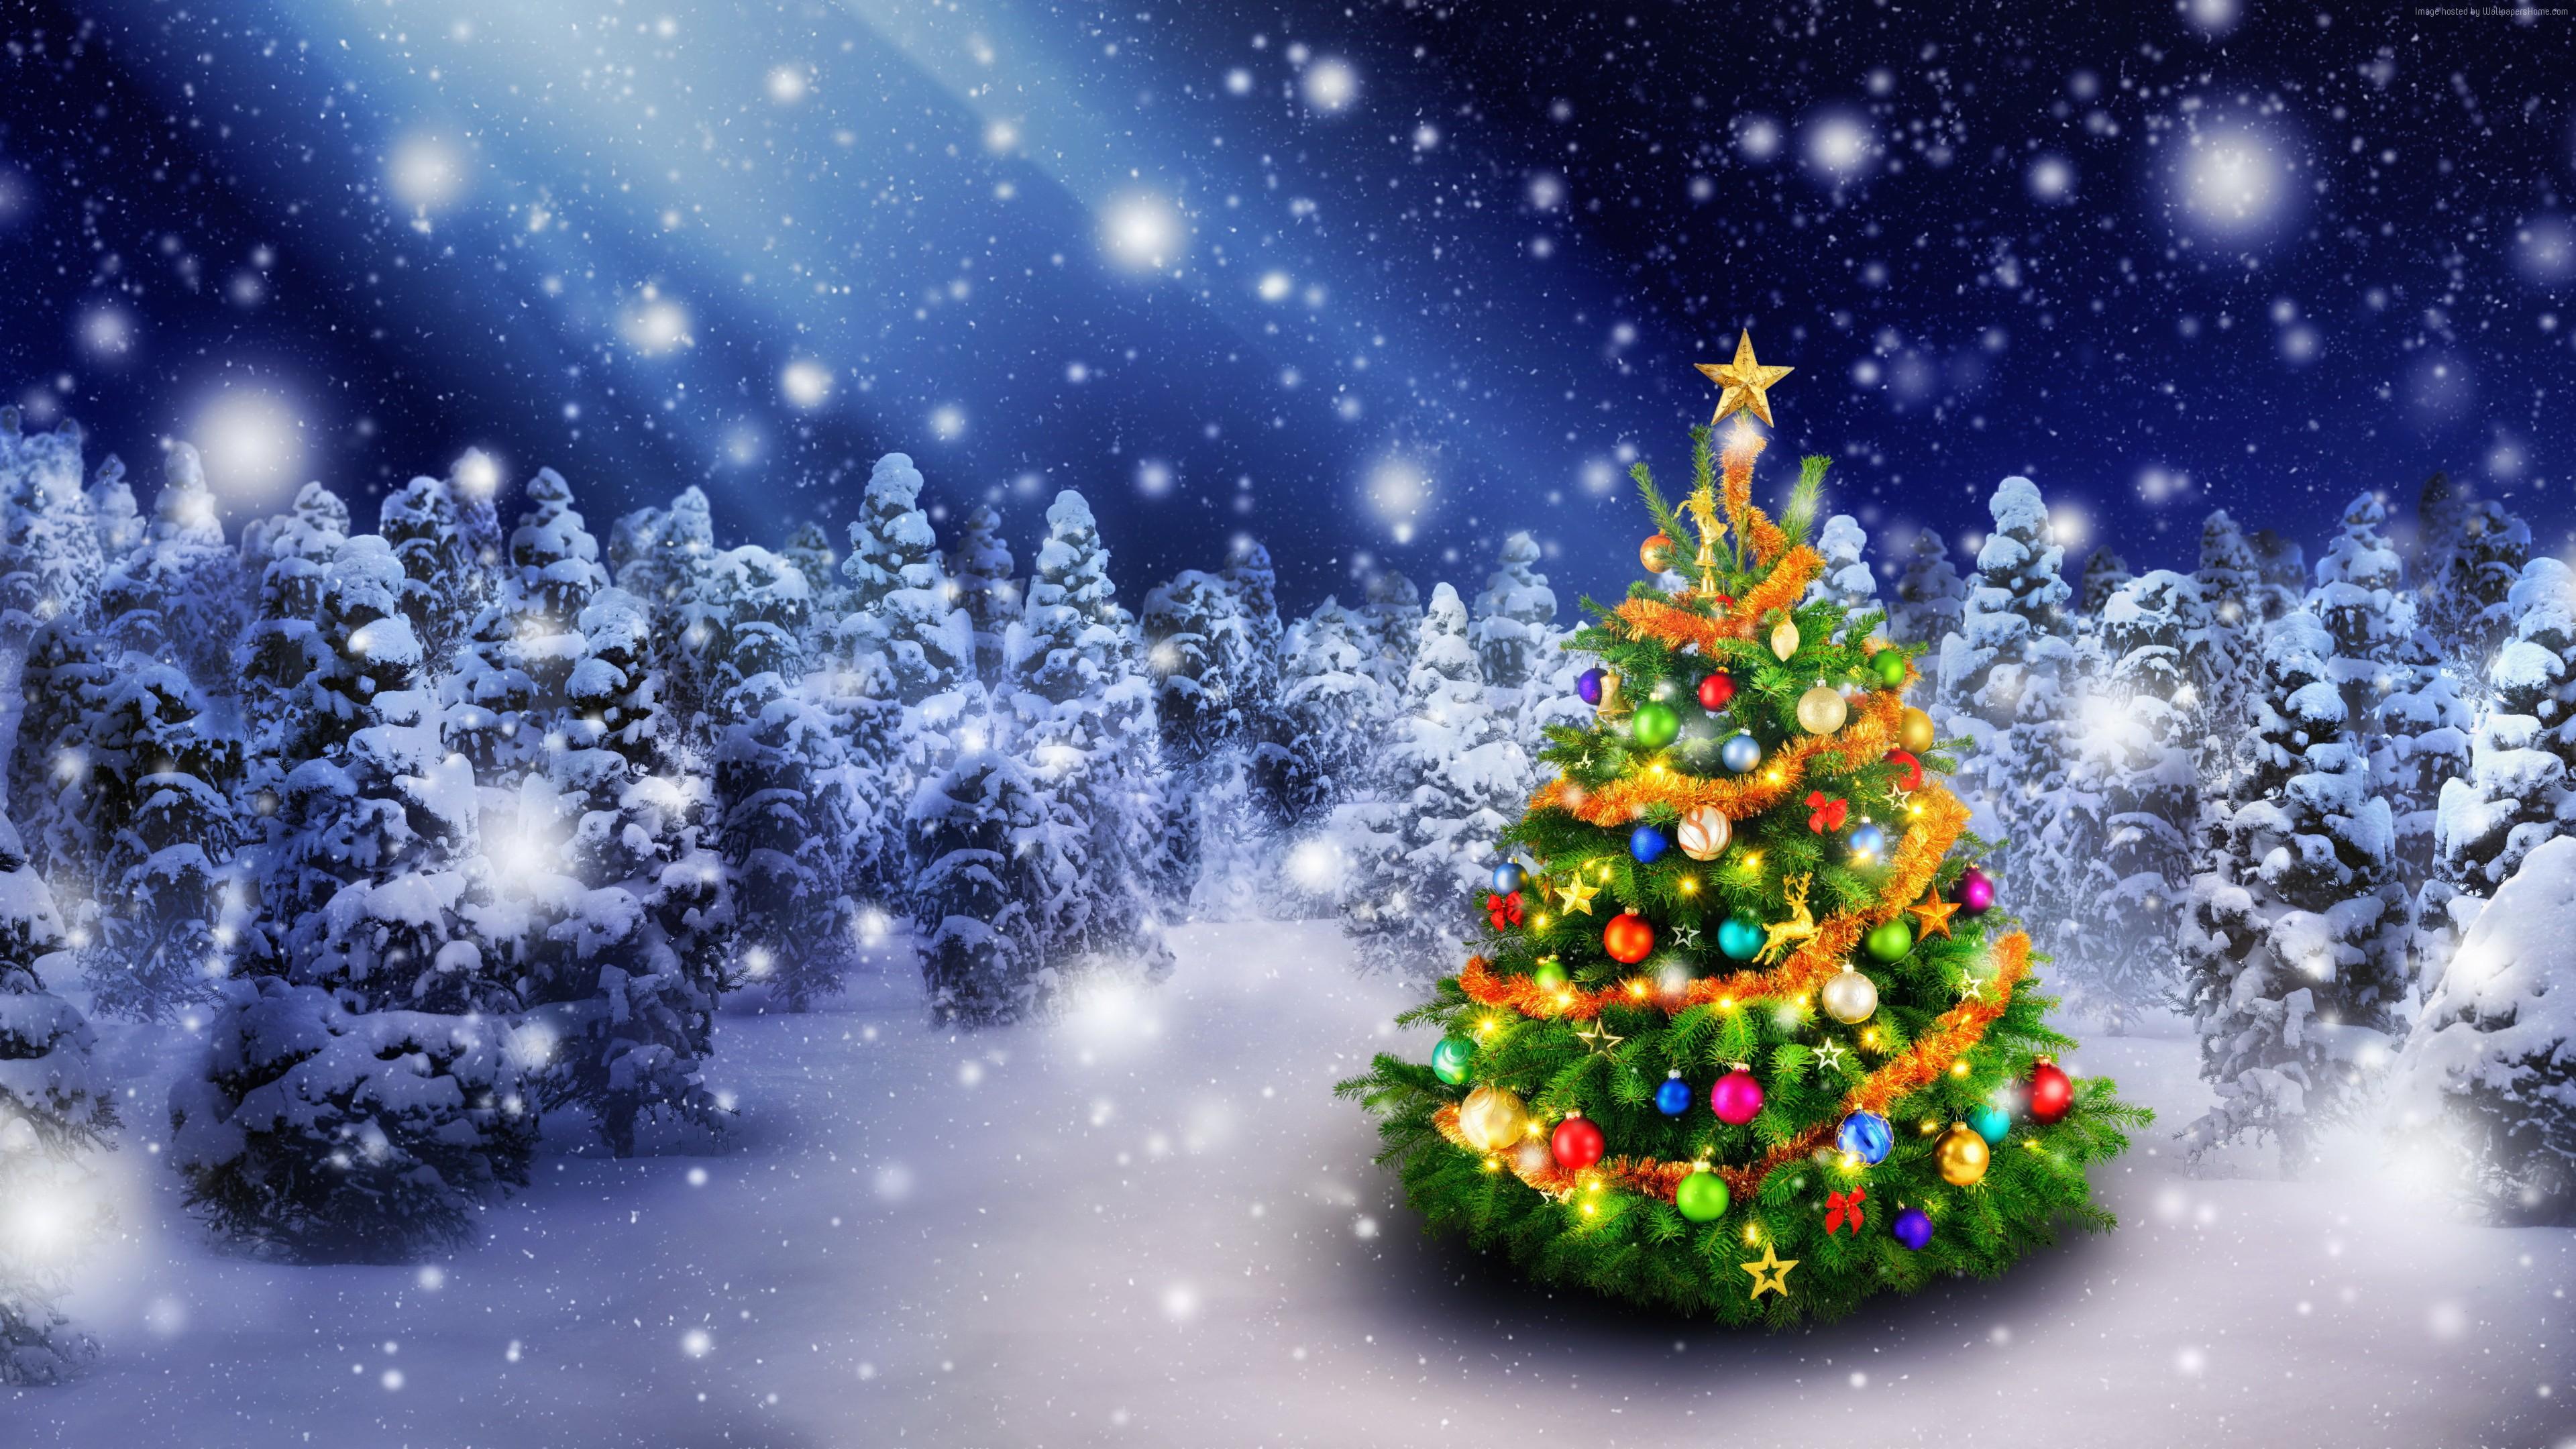 Hình Ảnh Cây Thông Noel , HD Wallpaper & Backgrounds